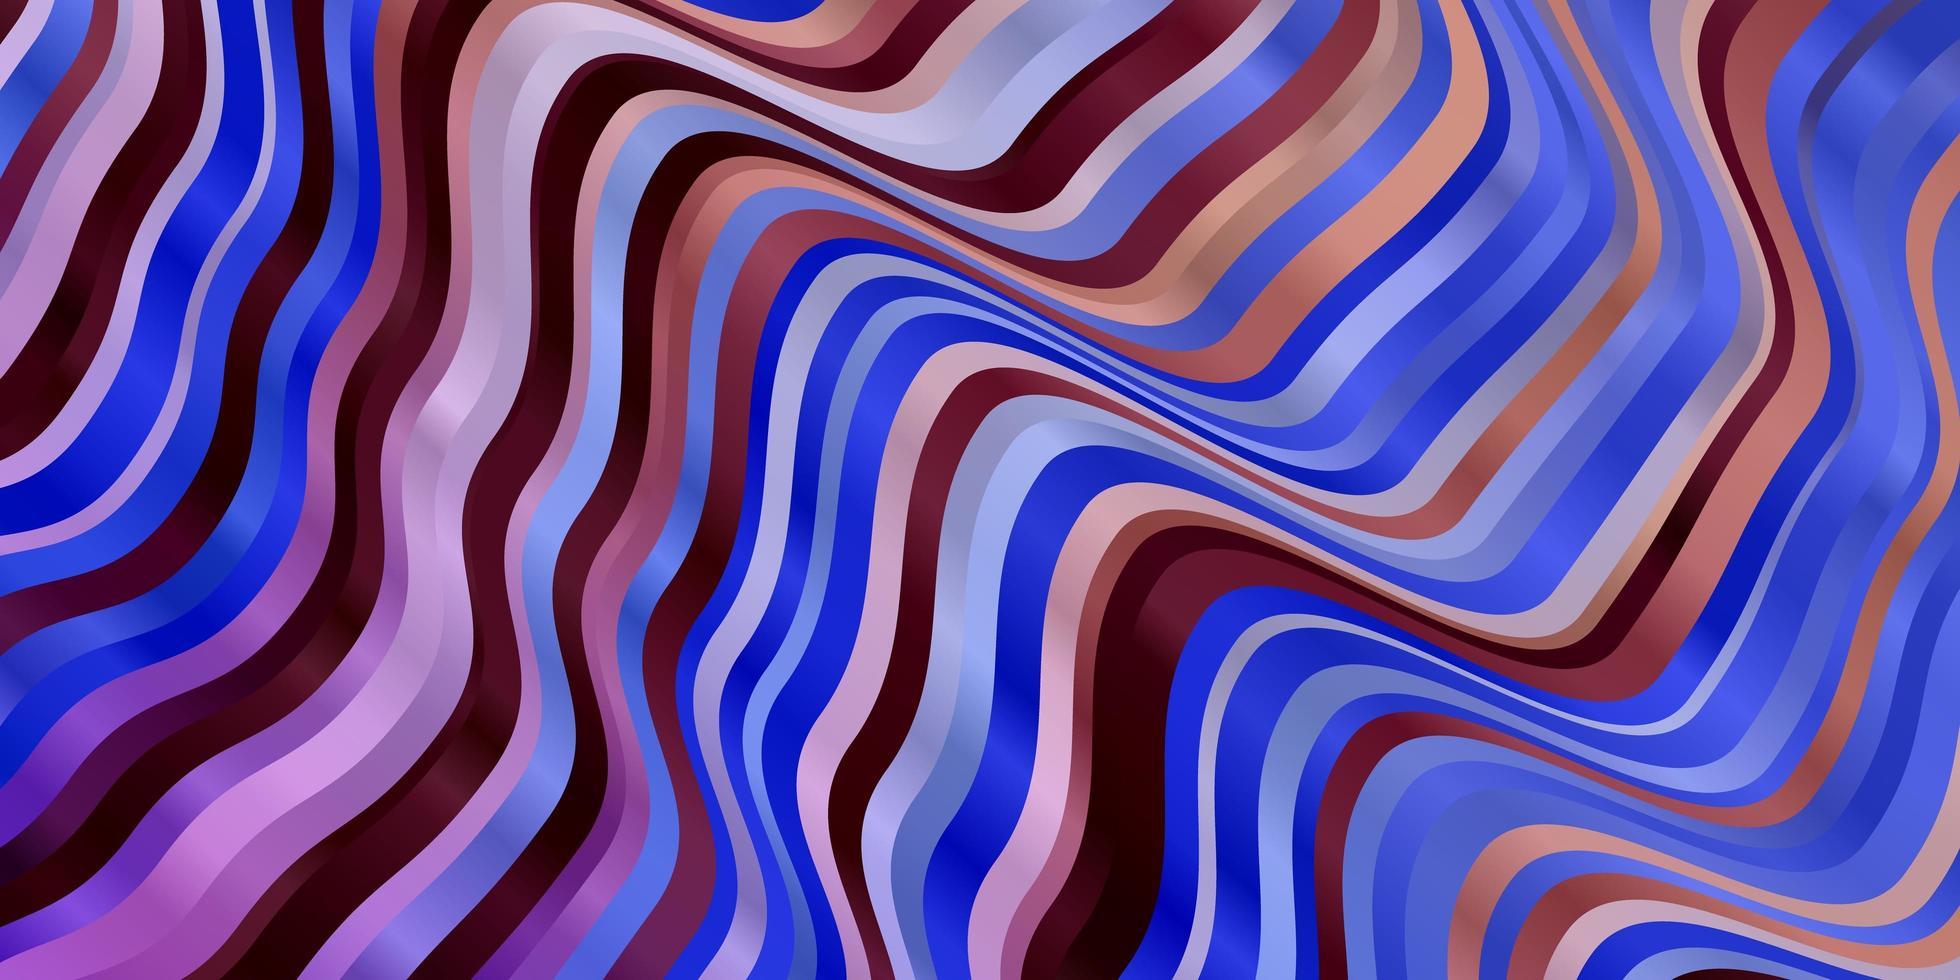 plantilla de vector multicolor claro con curvas.